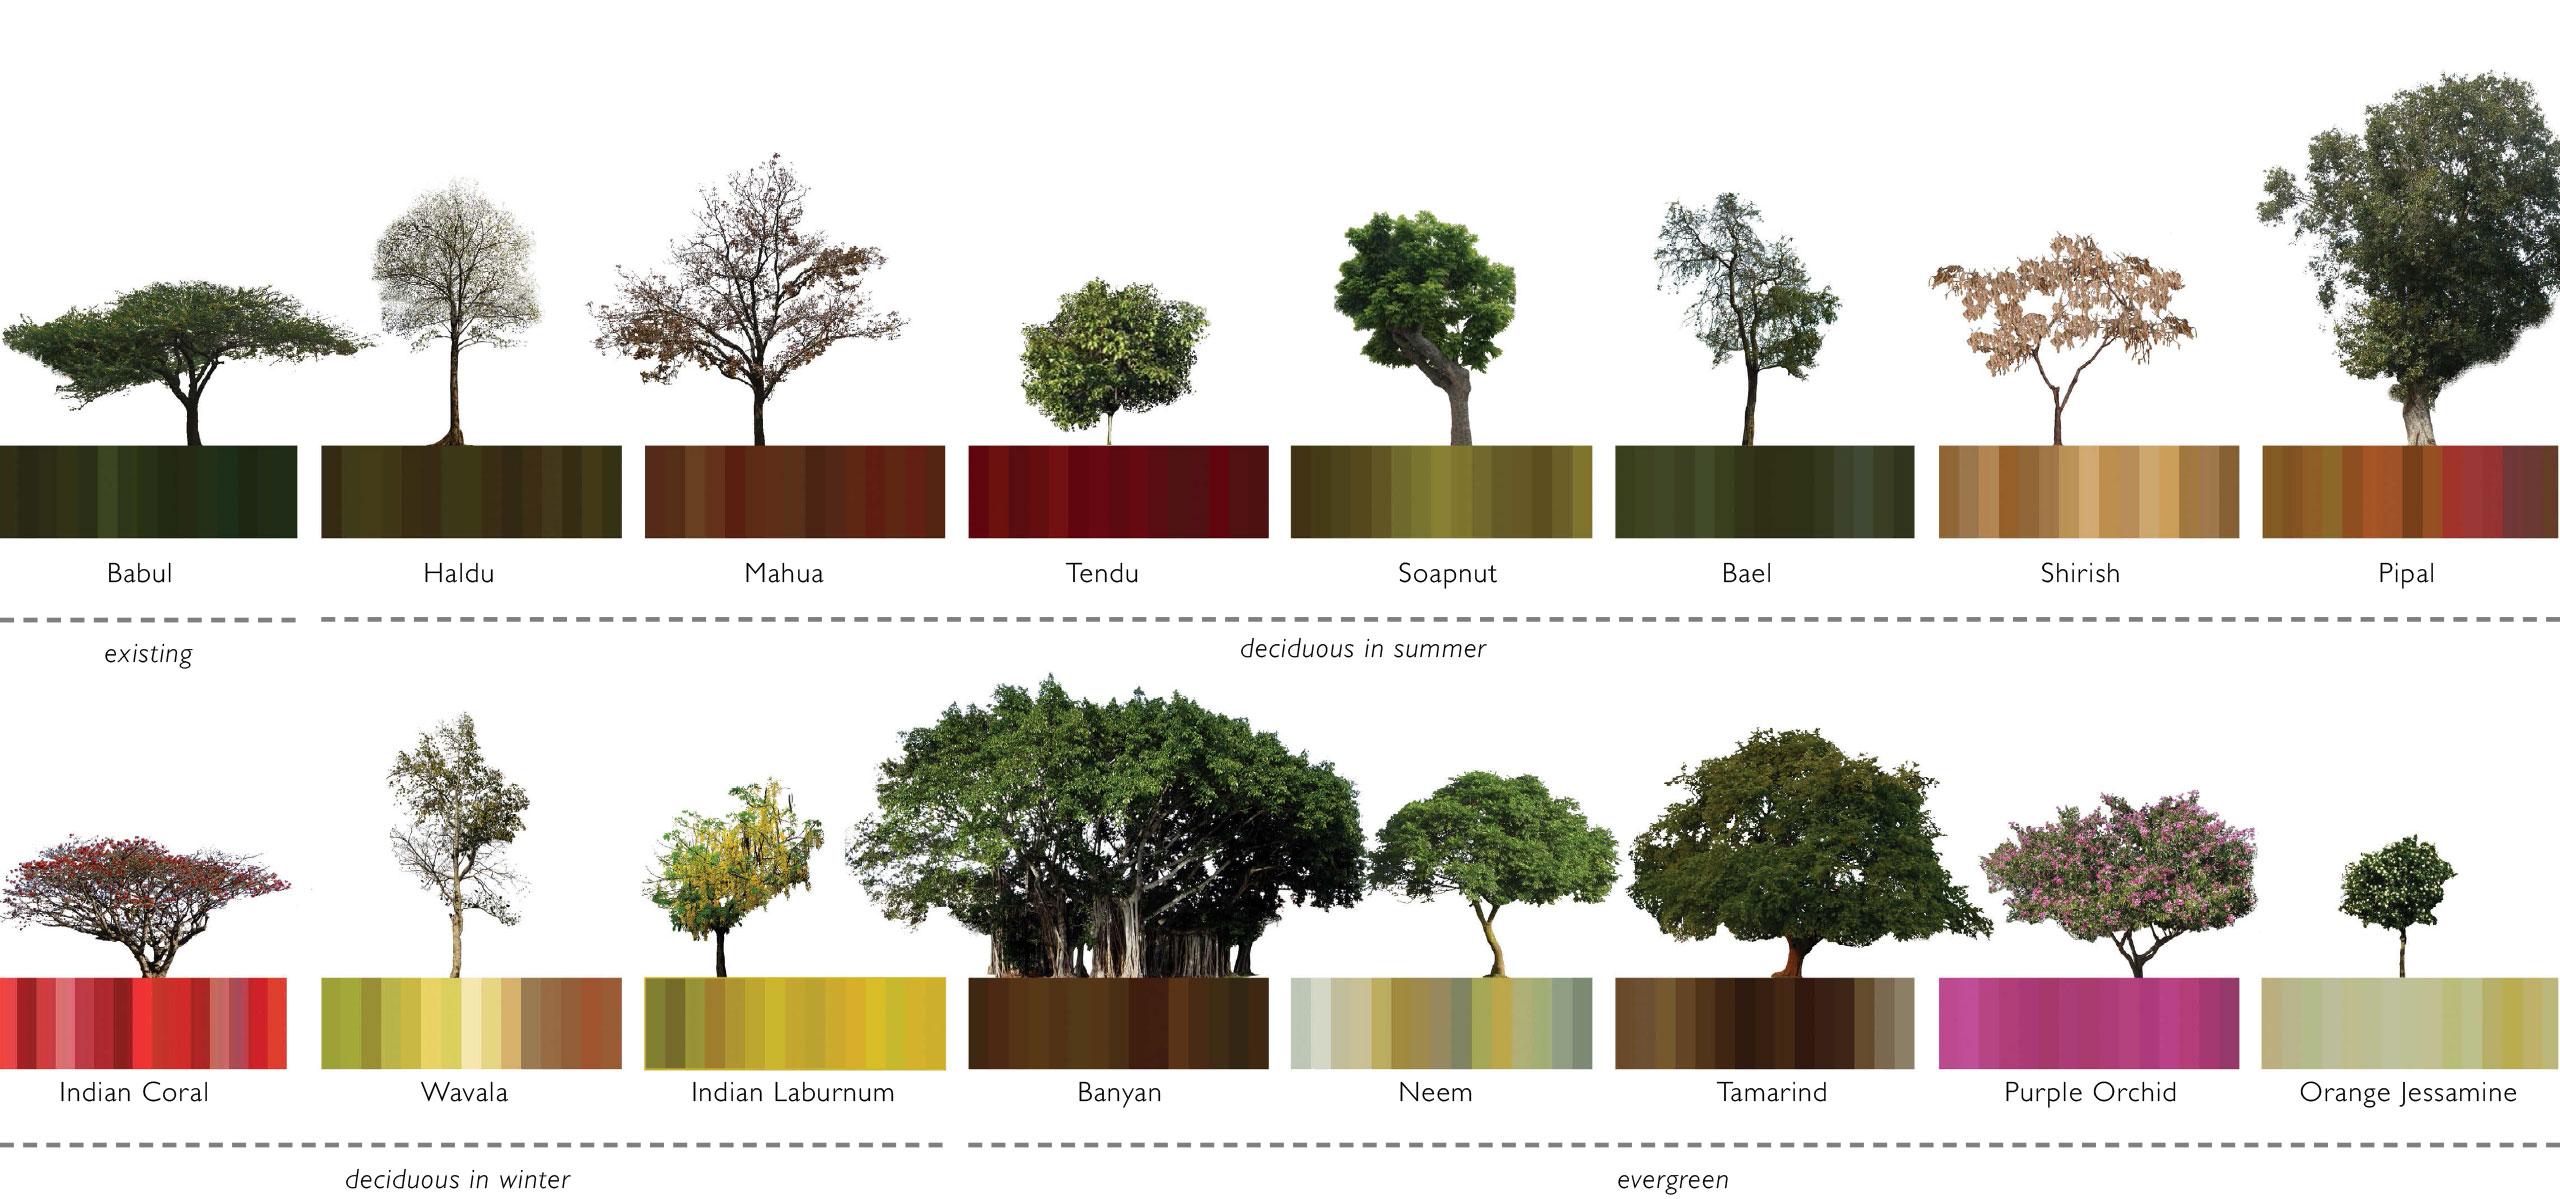 spa delhi competition design list of local trees school design